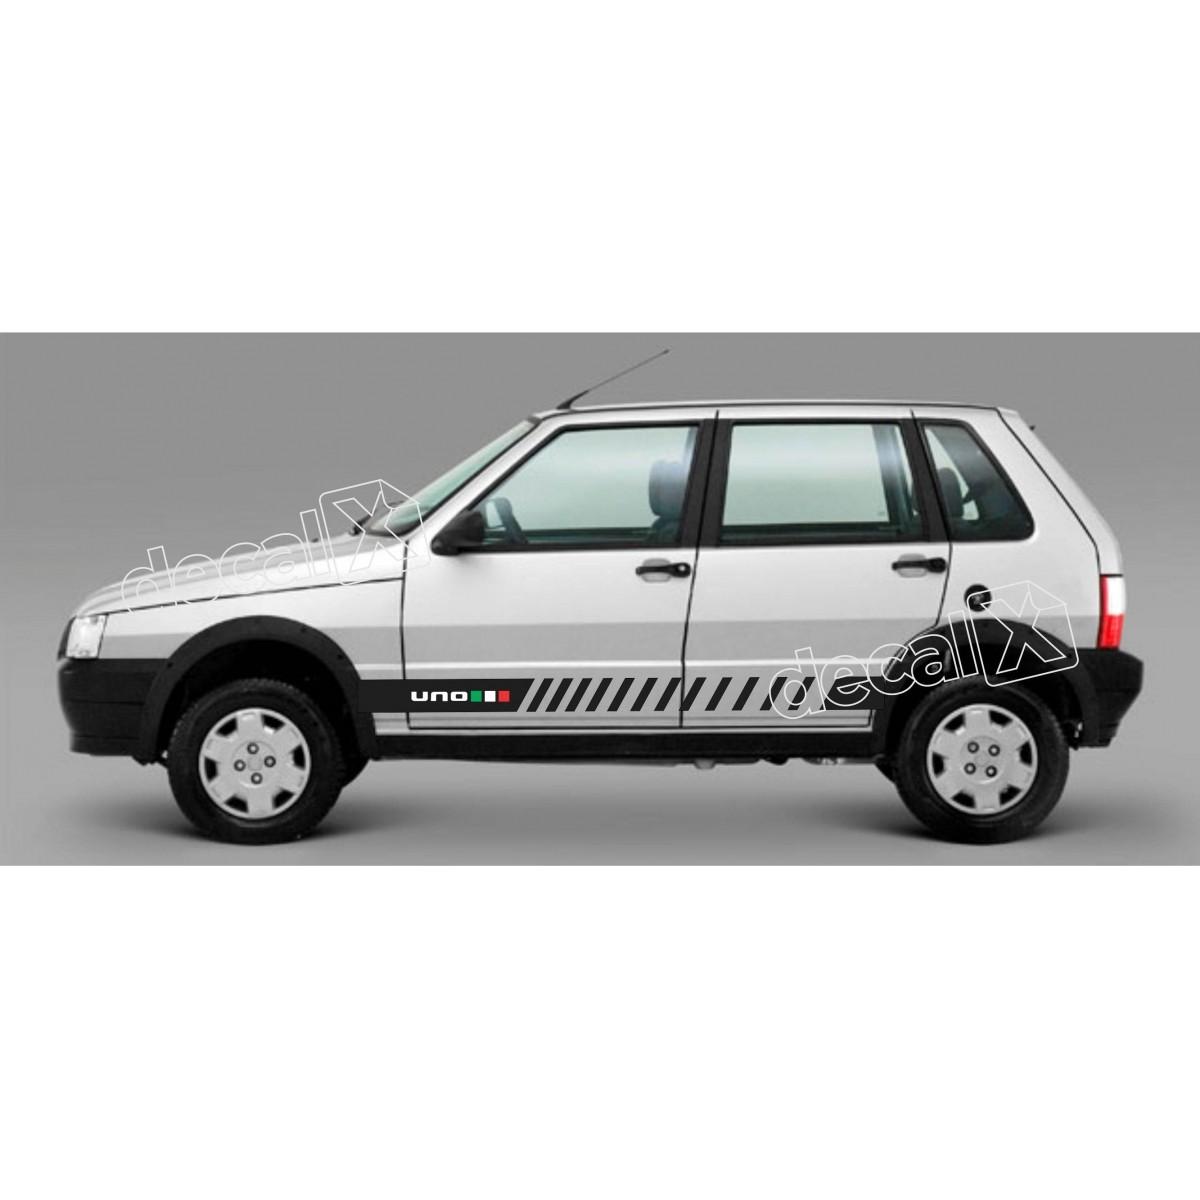 Adesivo Faixa Lateral Fiat Uno Unoh7